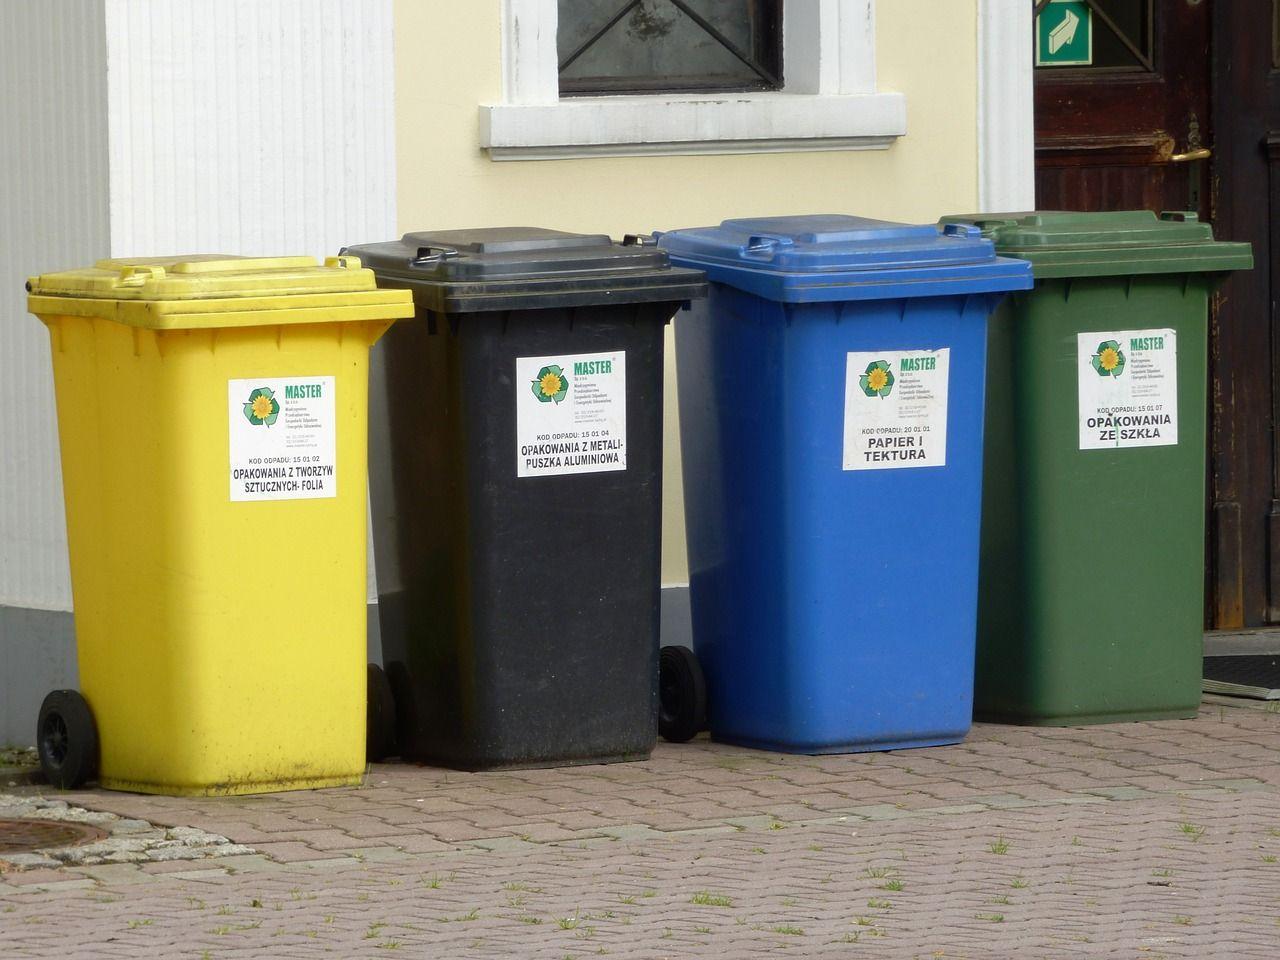 Odpowiednia segregacja śmieci – co nam w tym pomoże?